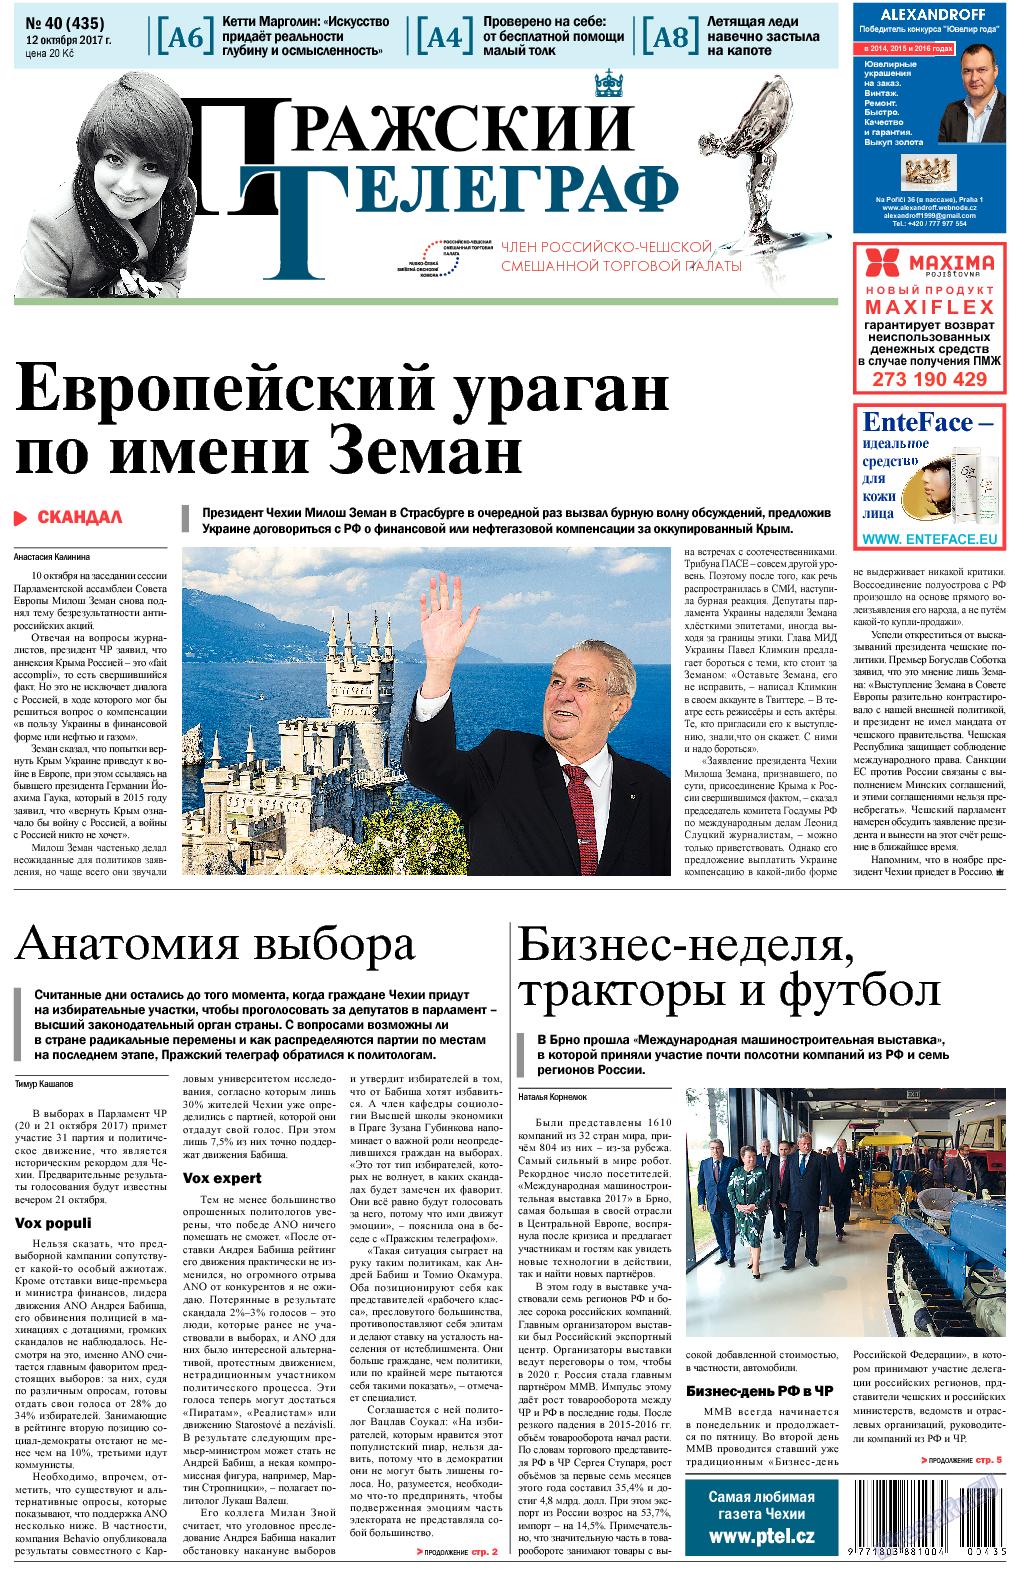 Пражский телеграф (газета). 2017 год, номер 40, стр. 1